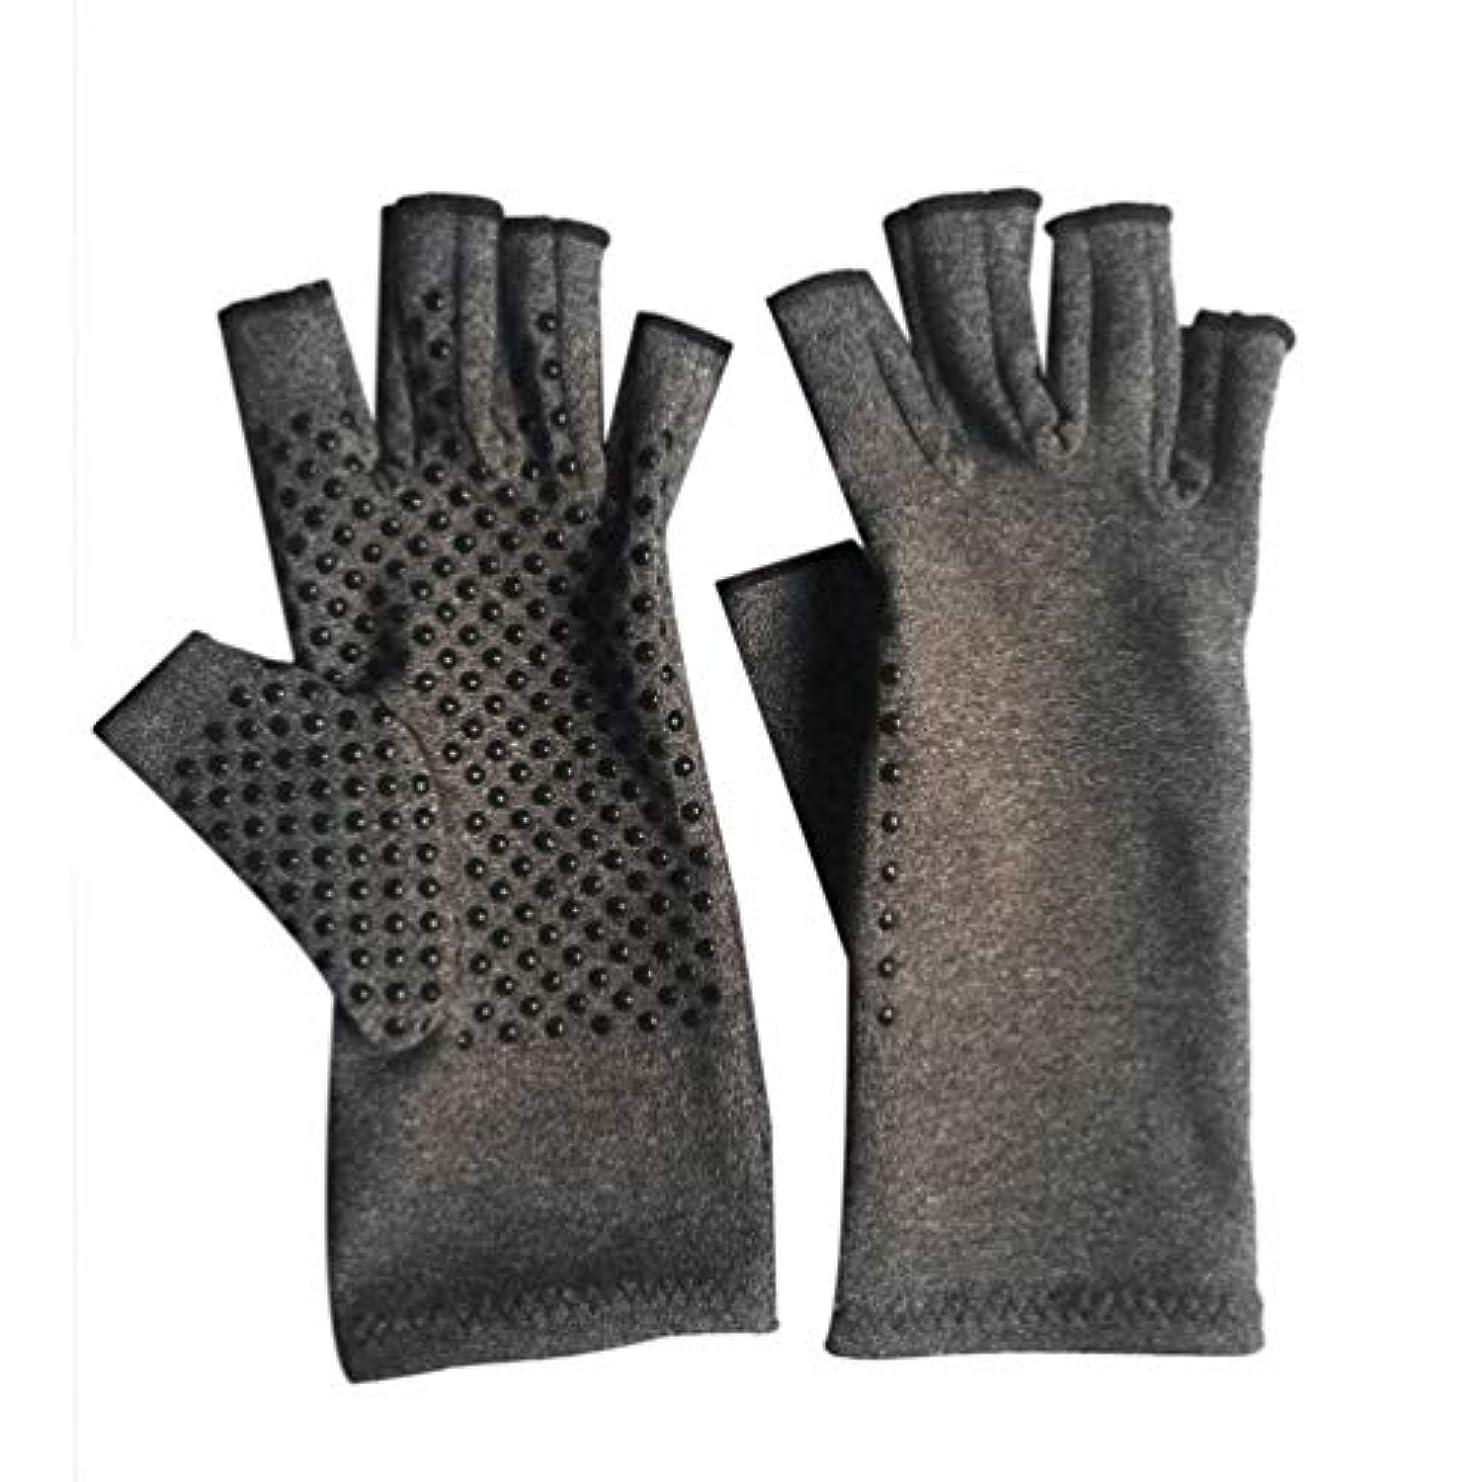 南方のズボン大砲1ペアユニセックス男性女性療法圧縮手袋関節炎関節痛緩和ヘルスケア半指手袋トレーニング手袋 - グレーM